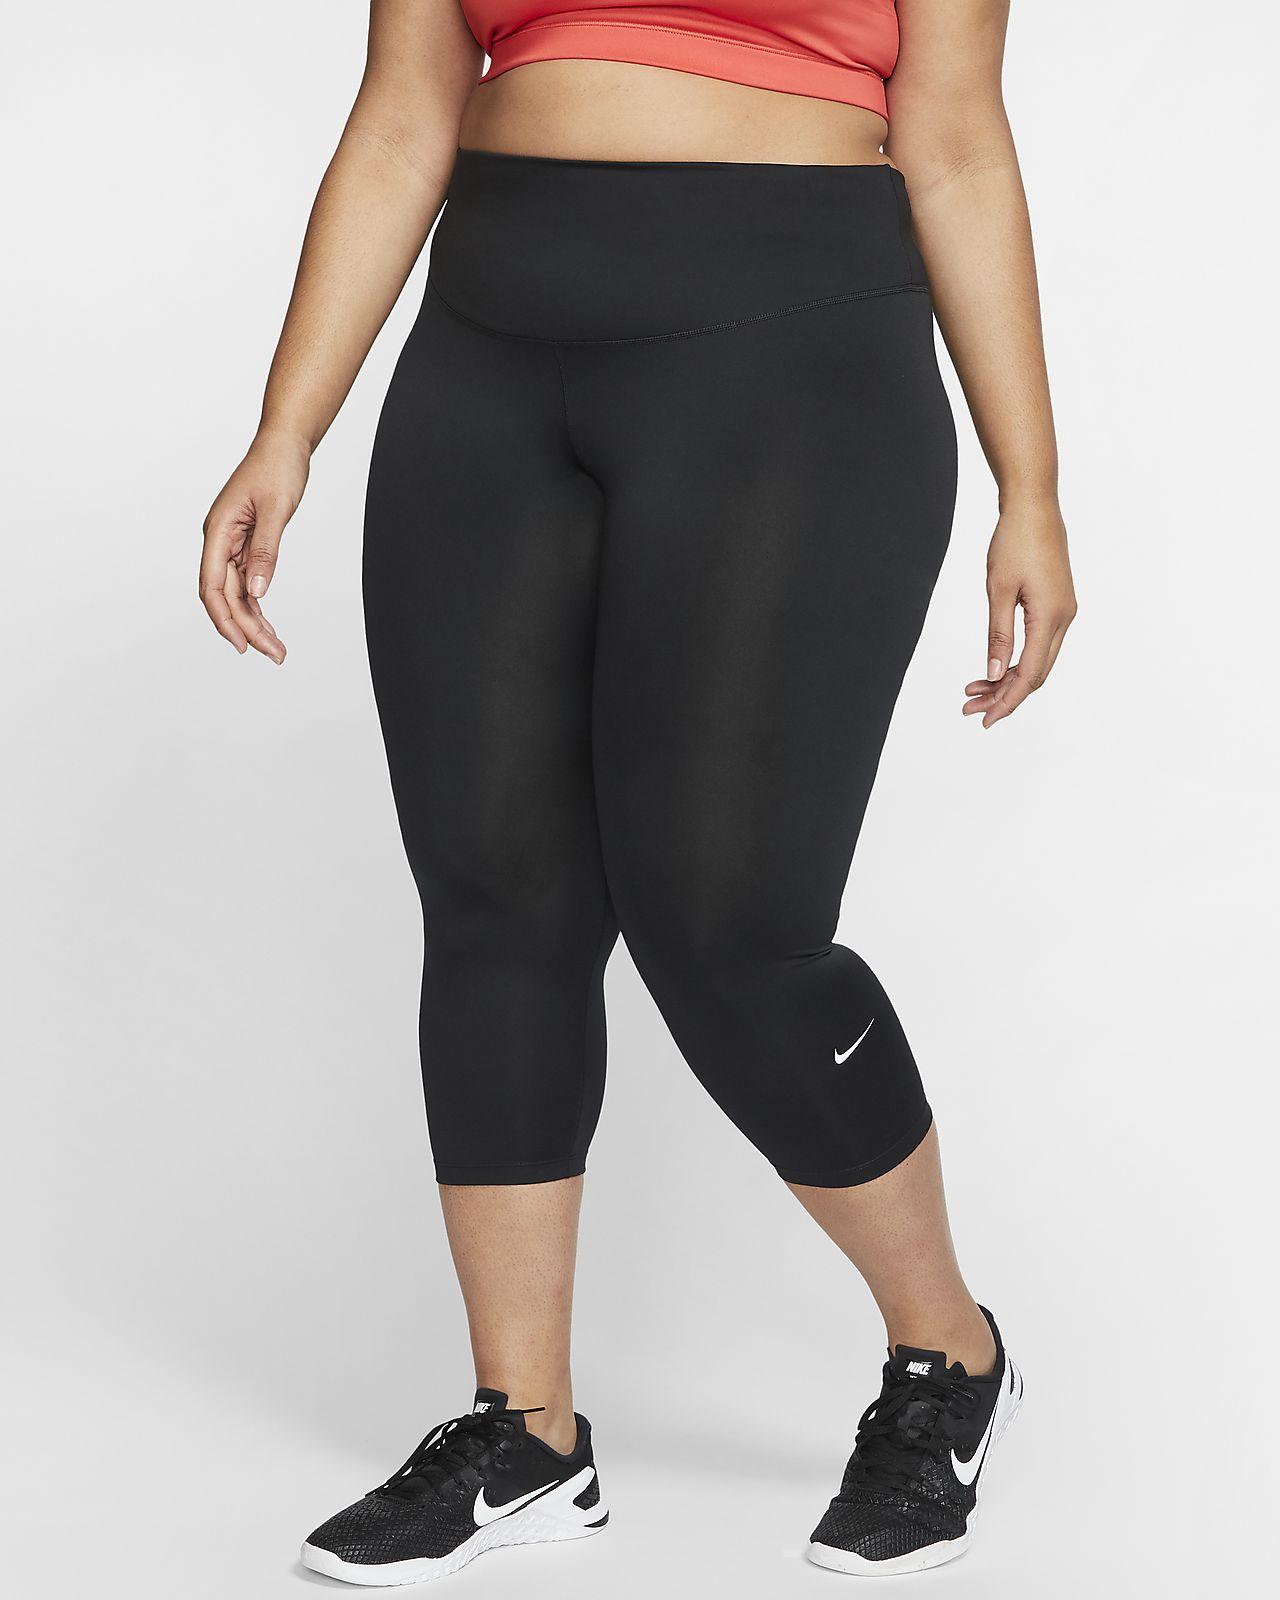 Korte Nike One-tights til kvinder (Plus size)